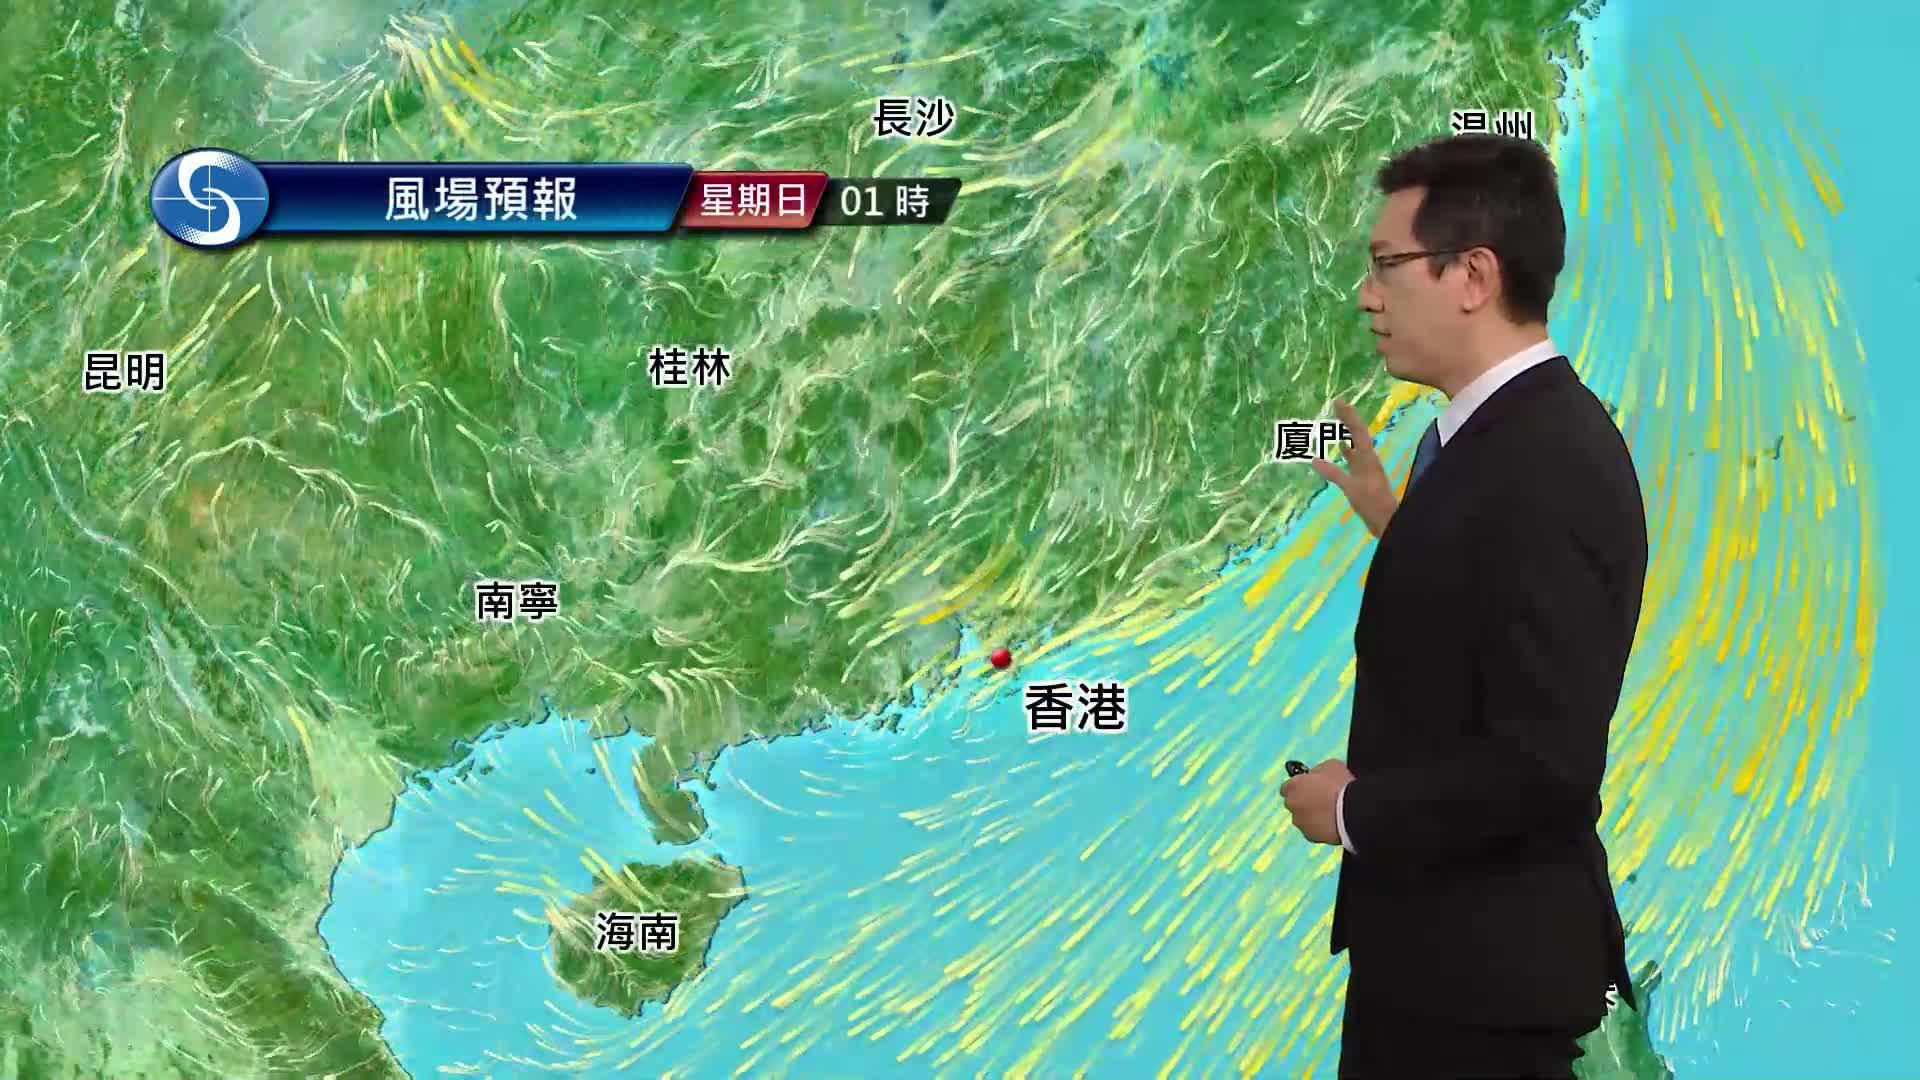 早晨天氣節目(01月23日上午8時) - 科學主任楊威龍